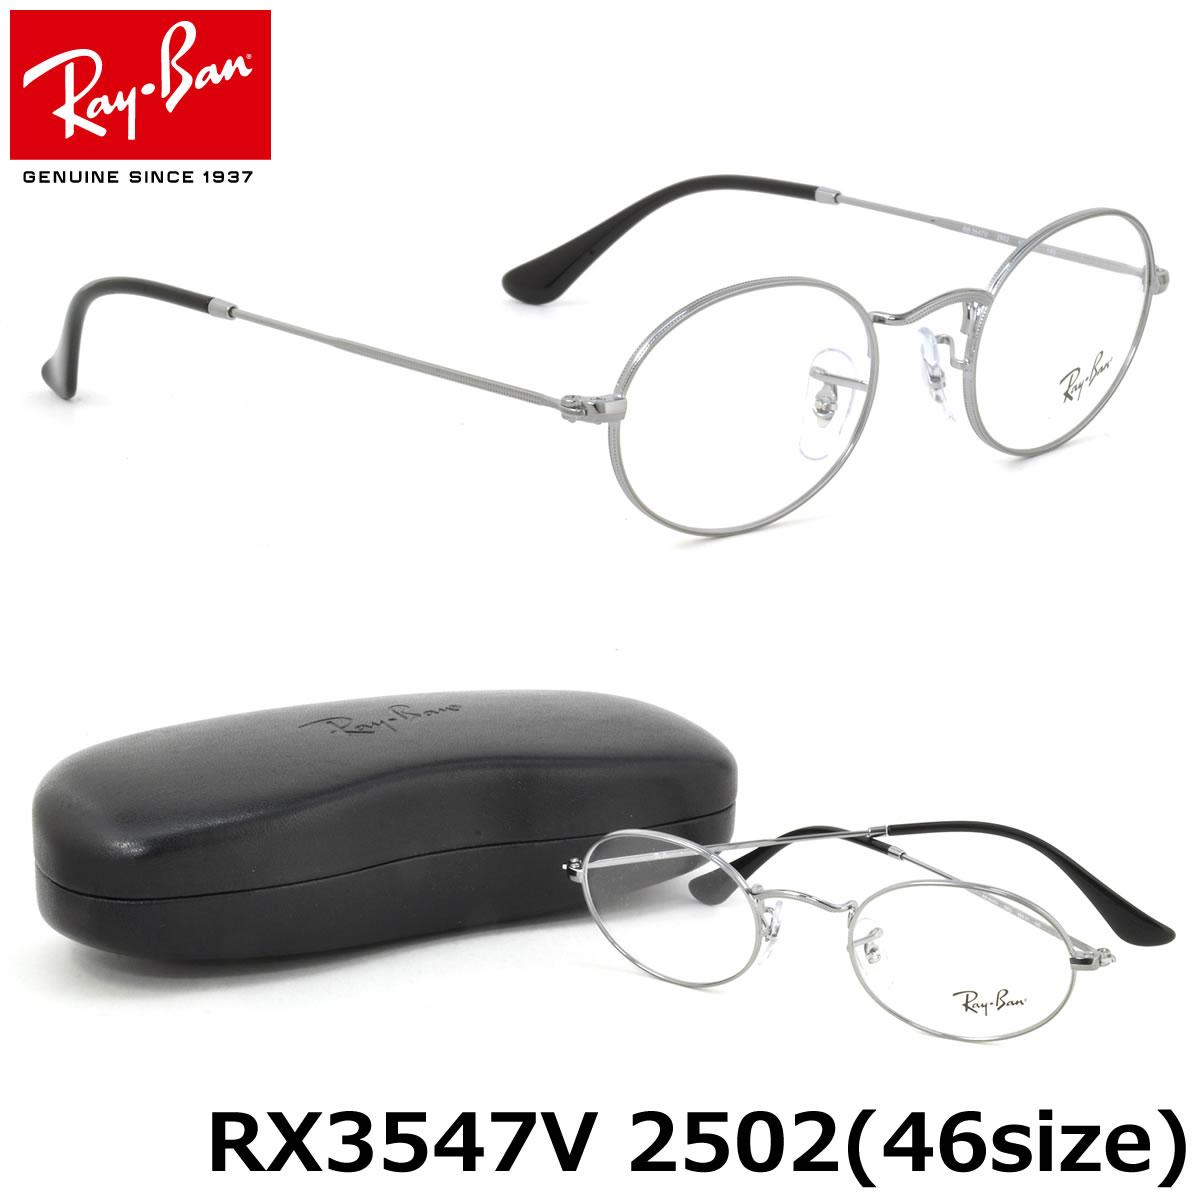 7fb99fbdee Ray-Ban glasses frame Ray-Ban RX3547V 2502 46 size OVAL OPTICS-maru glasses  frame round Ray-Ban RAYBAN men gap Dis